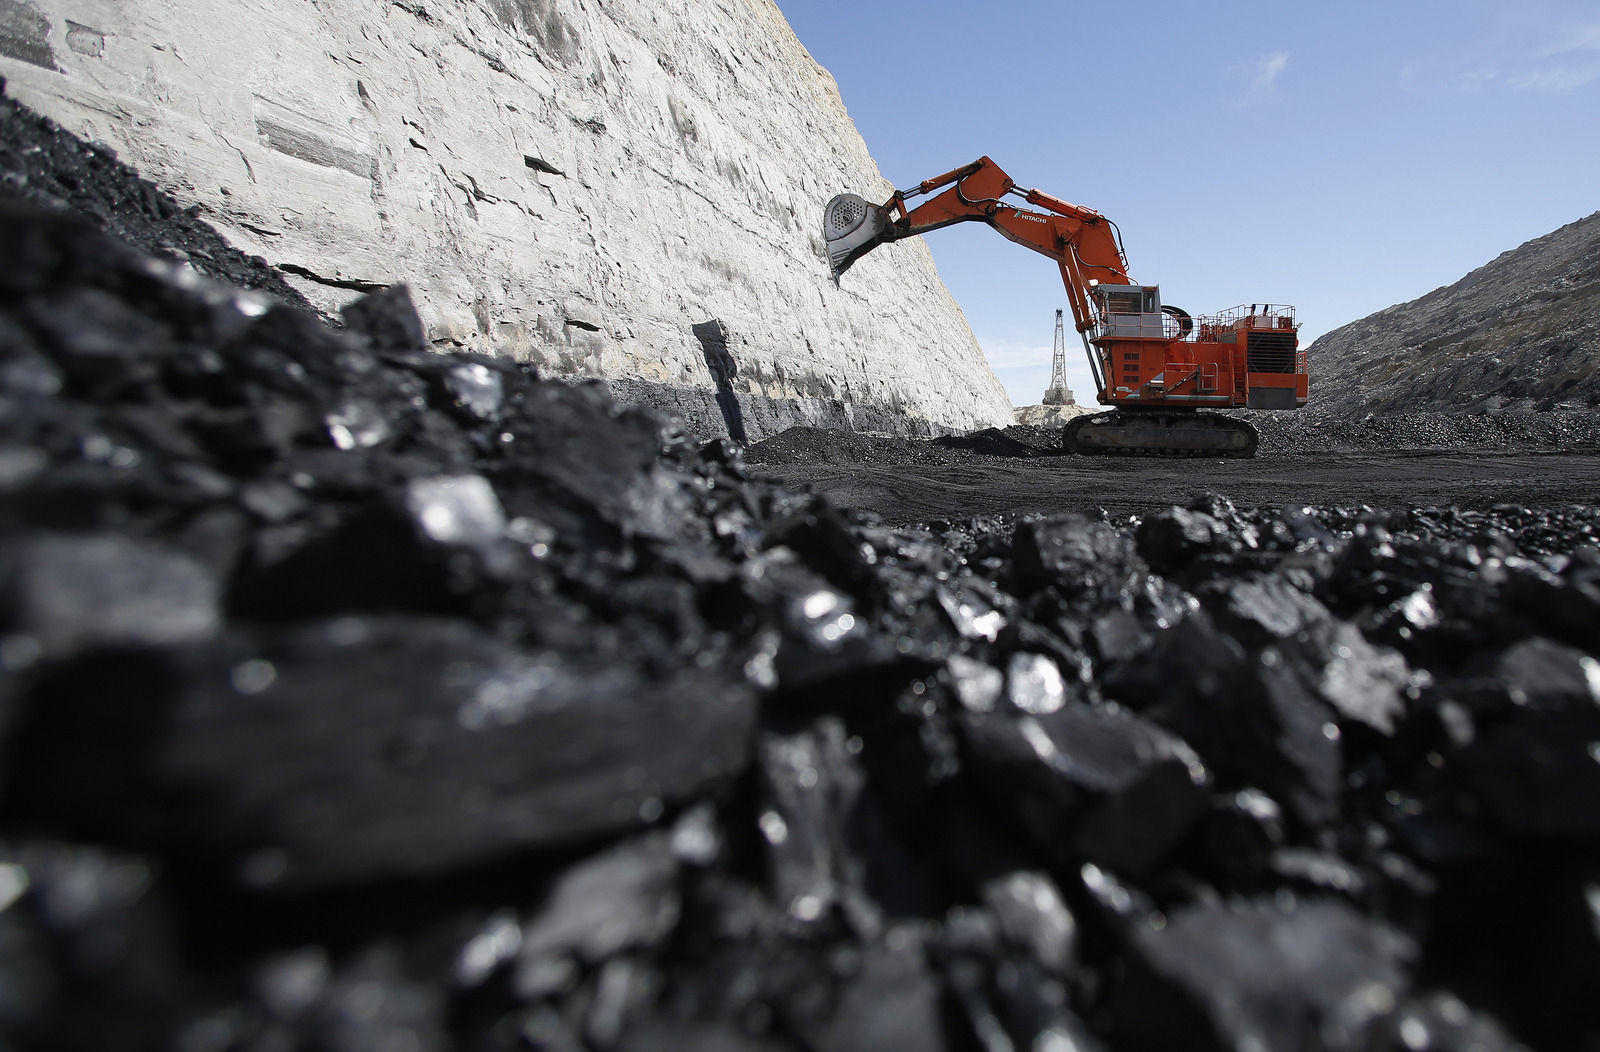 Дэлхийн коксжих нүүрсний зах зээлийн 8 хувийг Монгол нийлүүлжээ